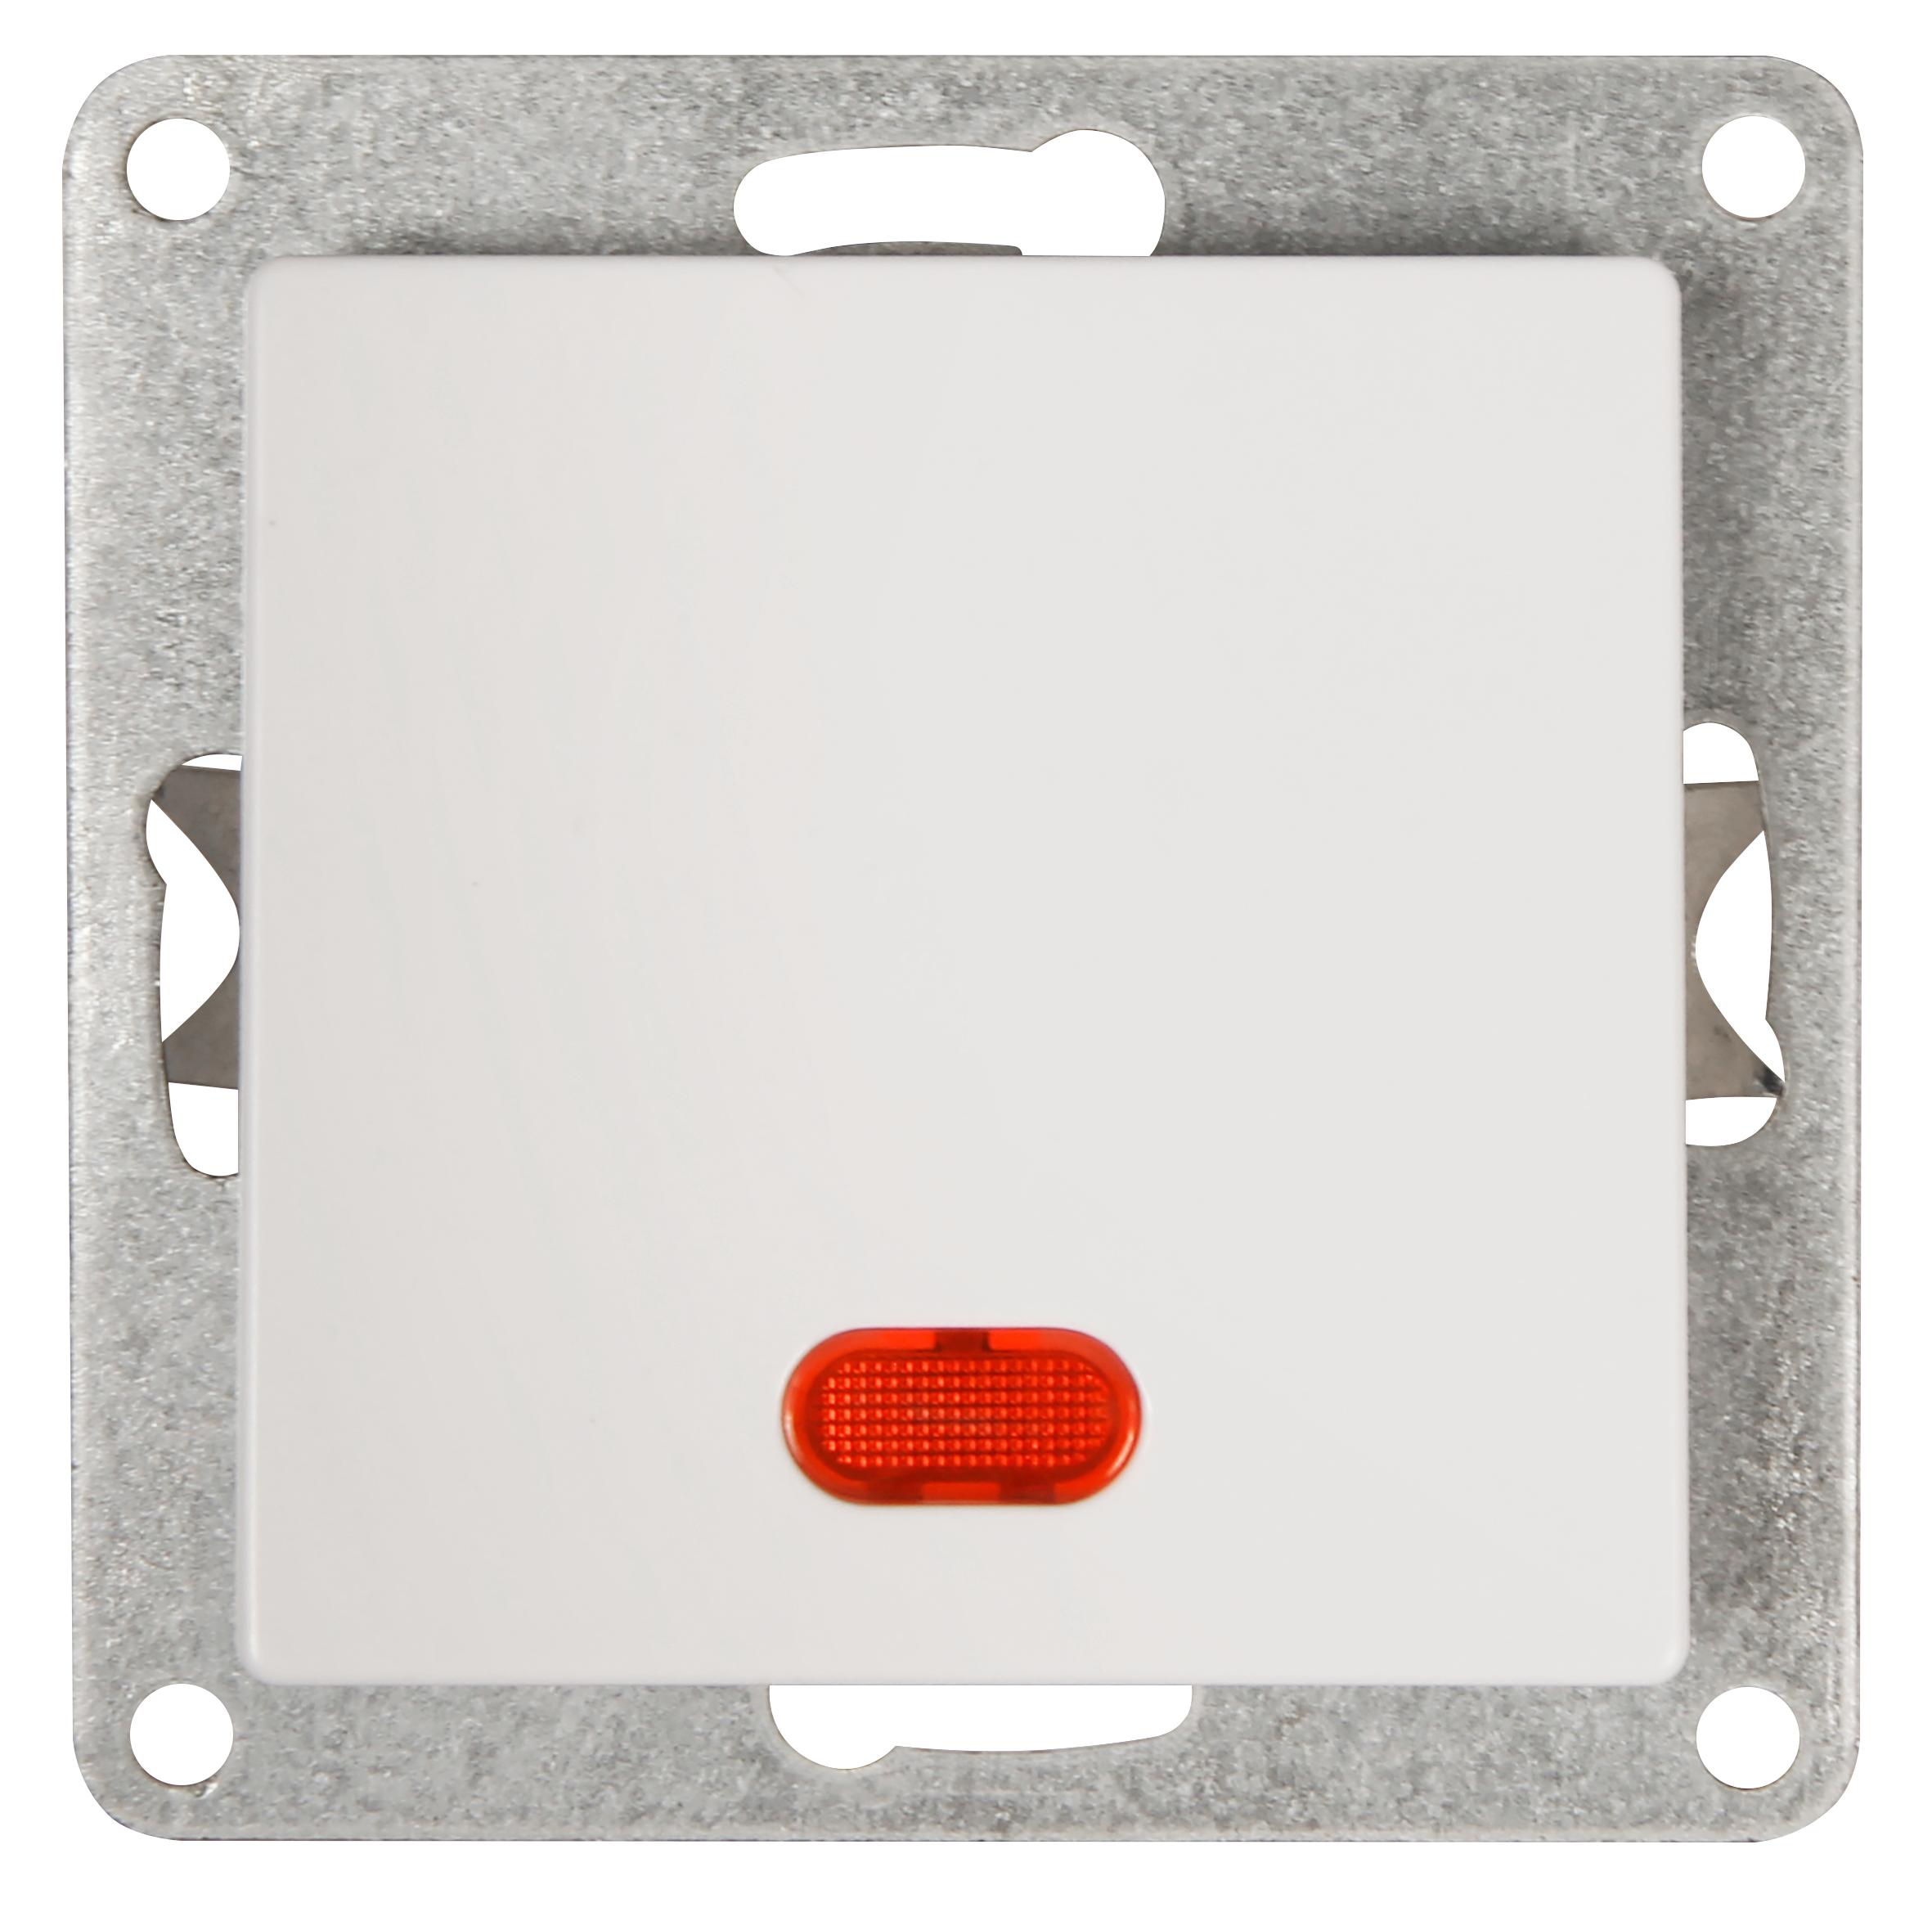 Schalter McPower ''Cup'' 250V~/10A, UP, weiß mit Kontroll-Leuchte